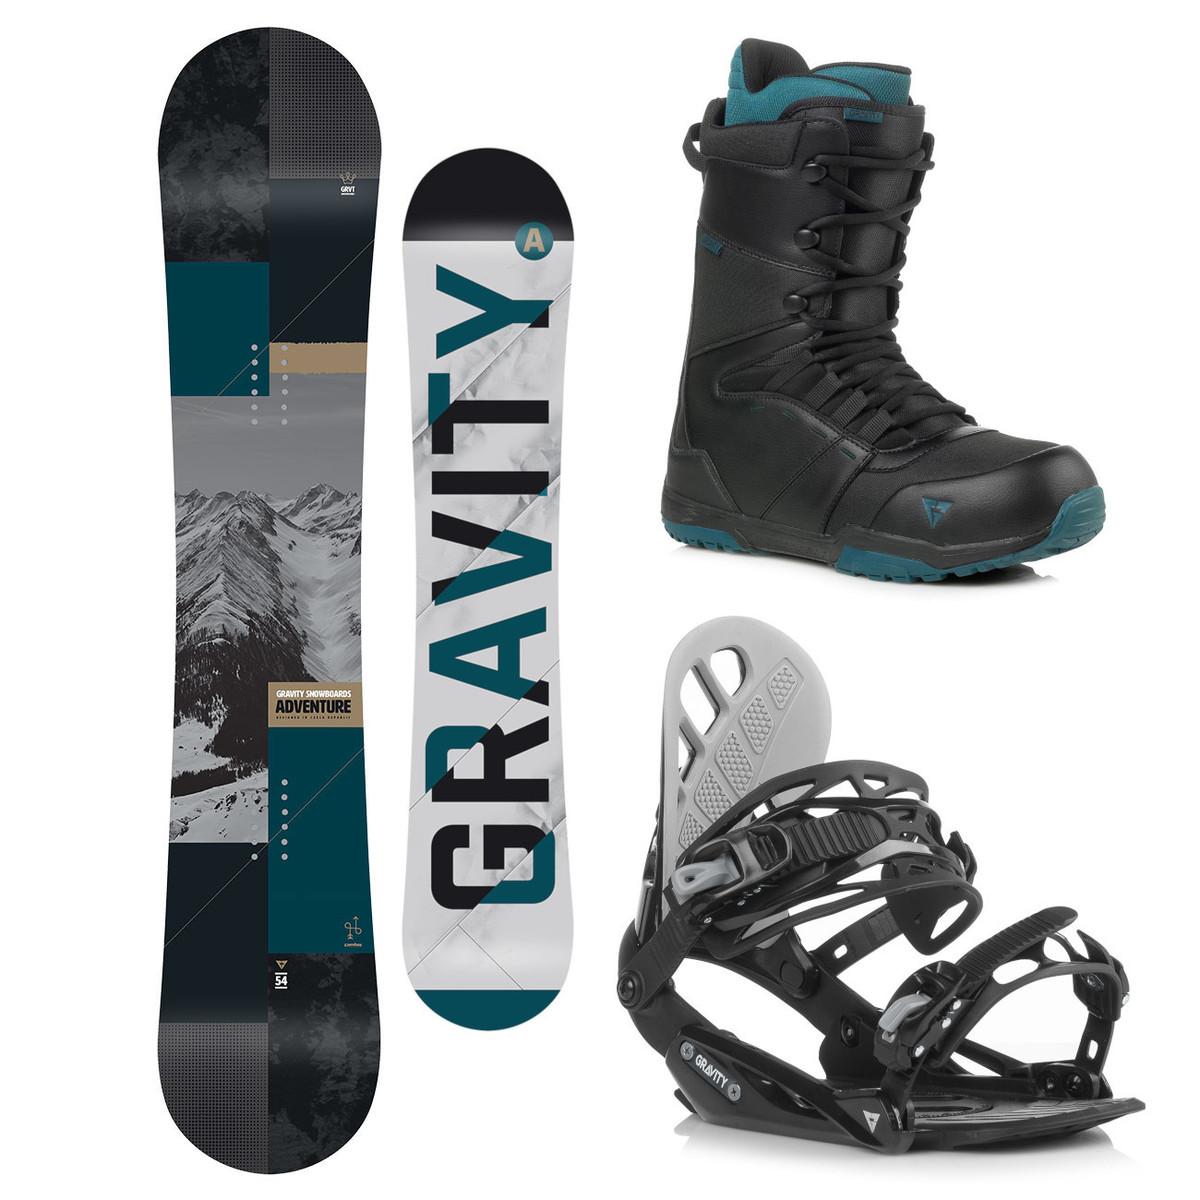 Snowboardový komplet Gravity Adventure 18/19 L (EU 42-48) 158W